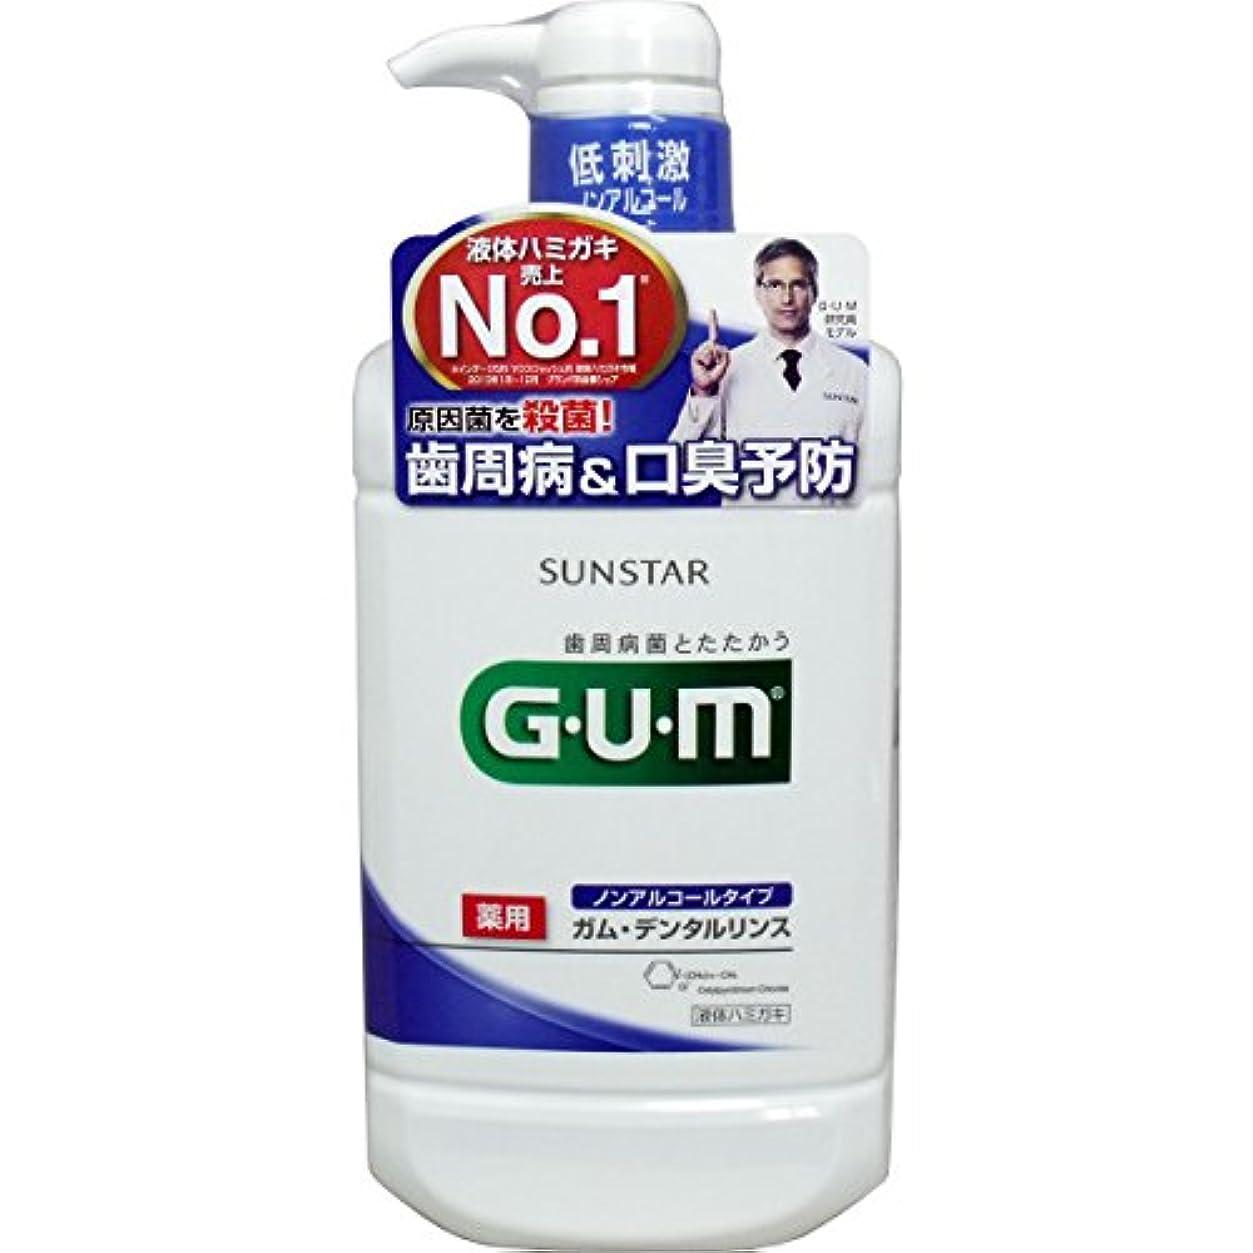 醜いグリーンランドプレビスサイト歯周病予防 デンタルリンス ハグキの炎症を防ぐ 便利 GUM ガム?デンタルリンス 薬用 ノンアルコールタイプ 960mL【2個セット】